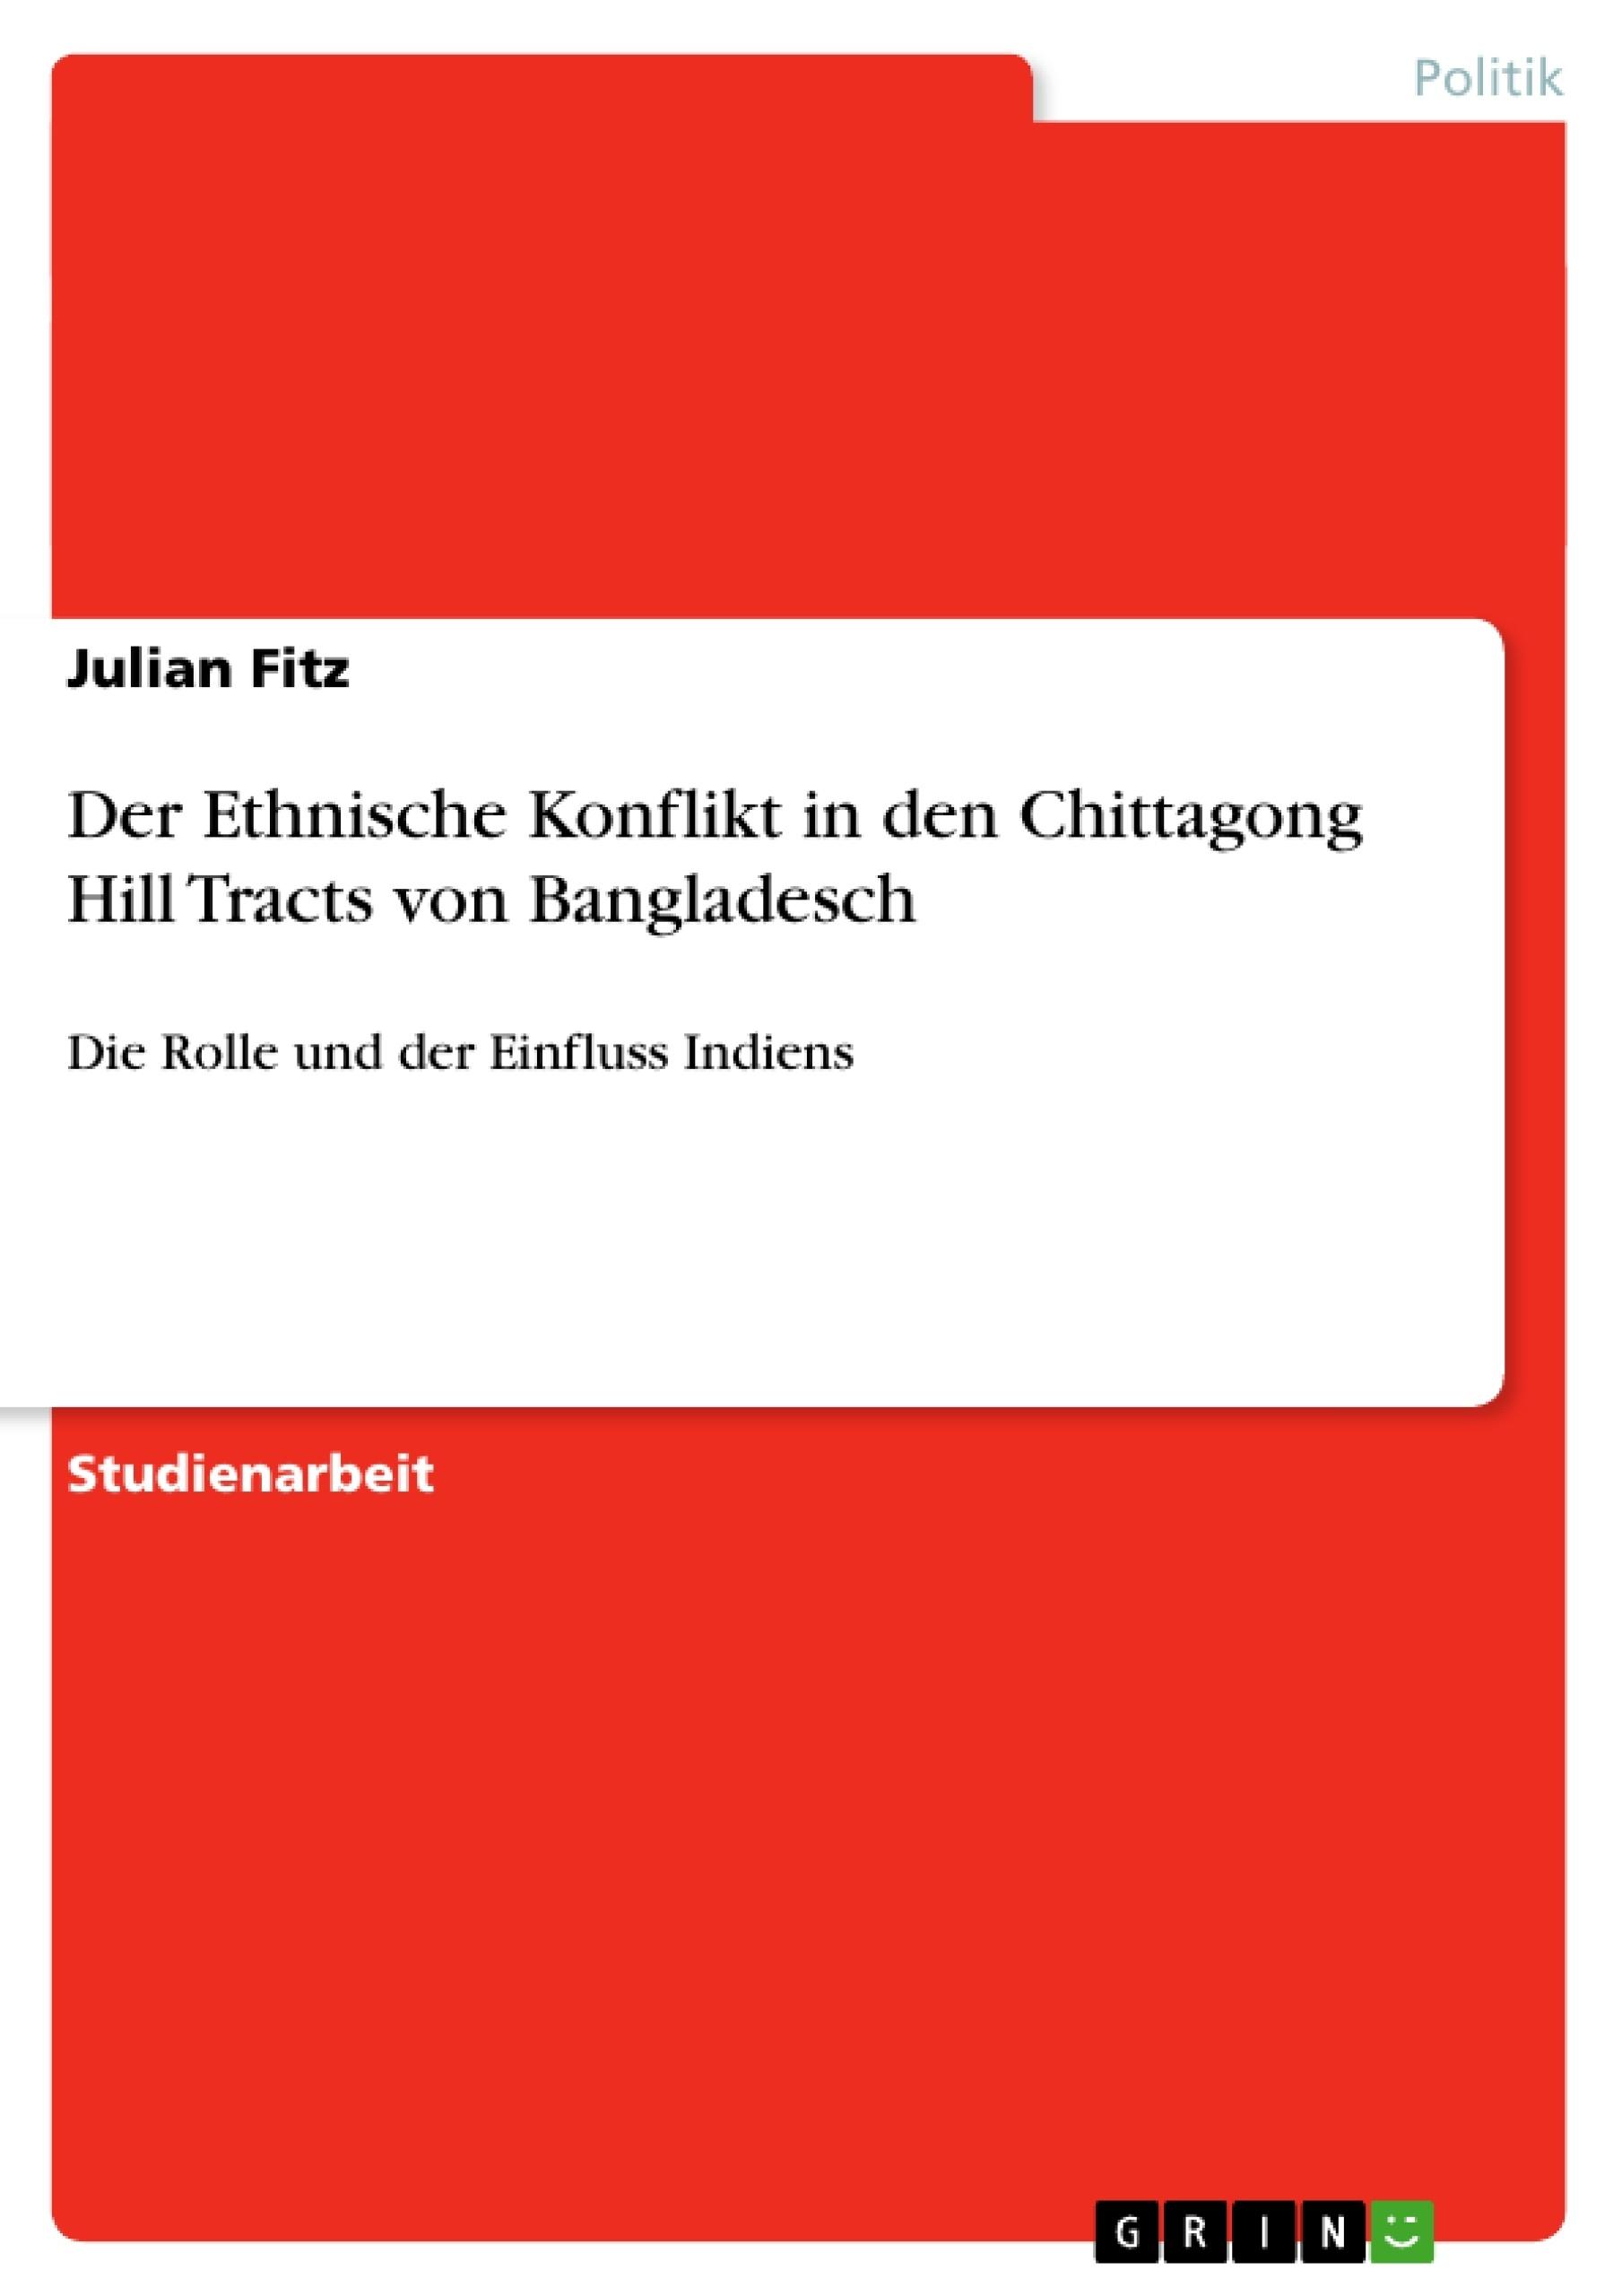 Titel: Der Ethnische Konflikt in den Chittagong Hill Tracts von Bangladesch